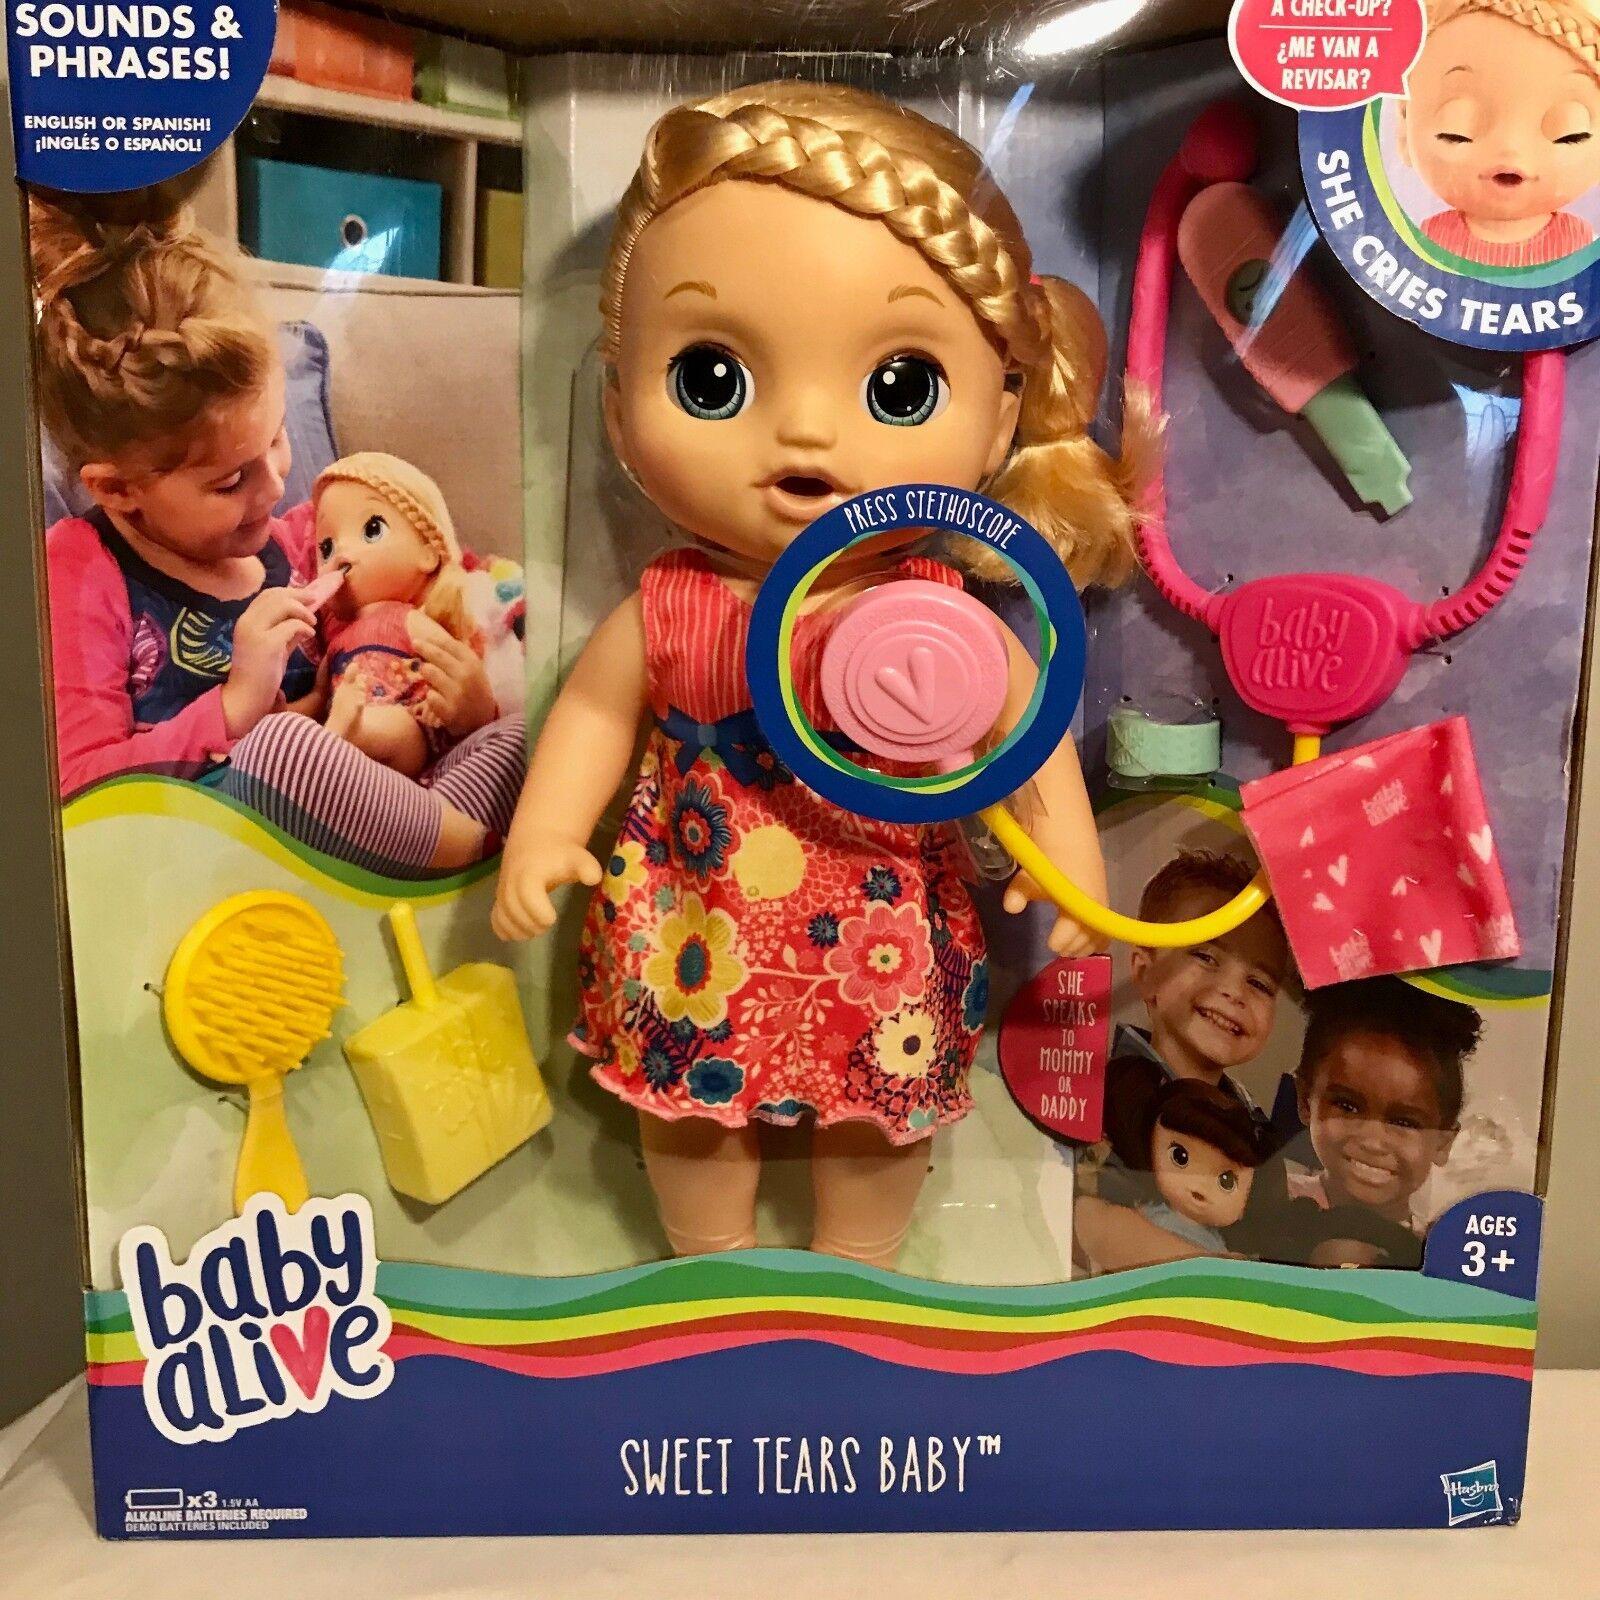 2016 Hasbro Baby Alive Dulce lágrimas Muñeca Interactiva bebé rubia Bilingüe